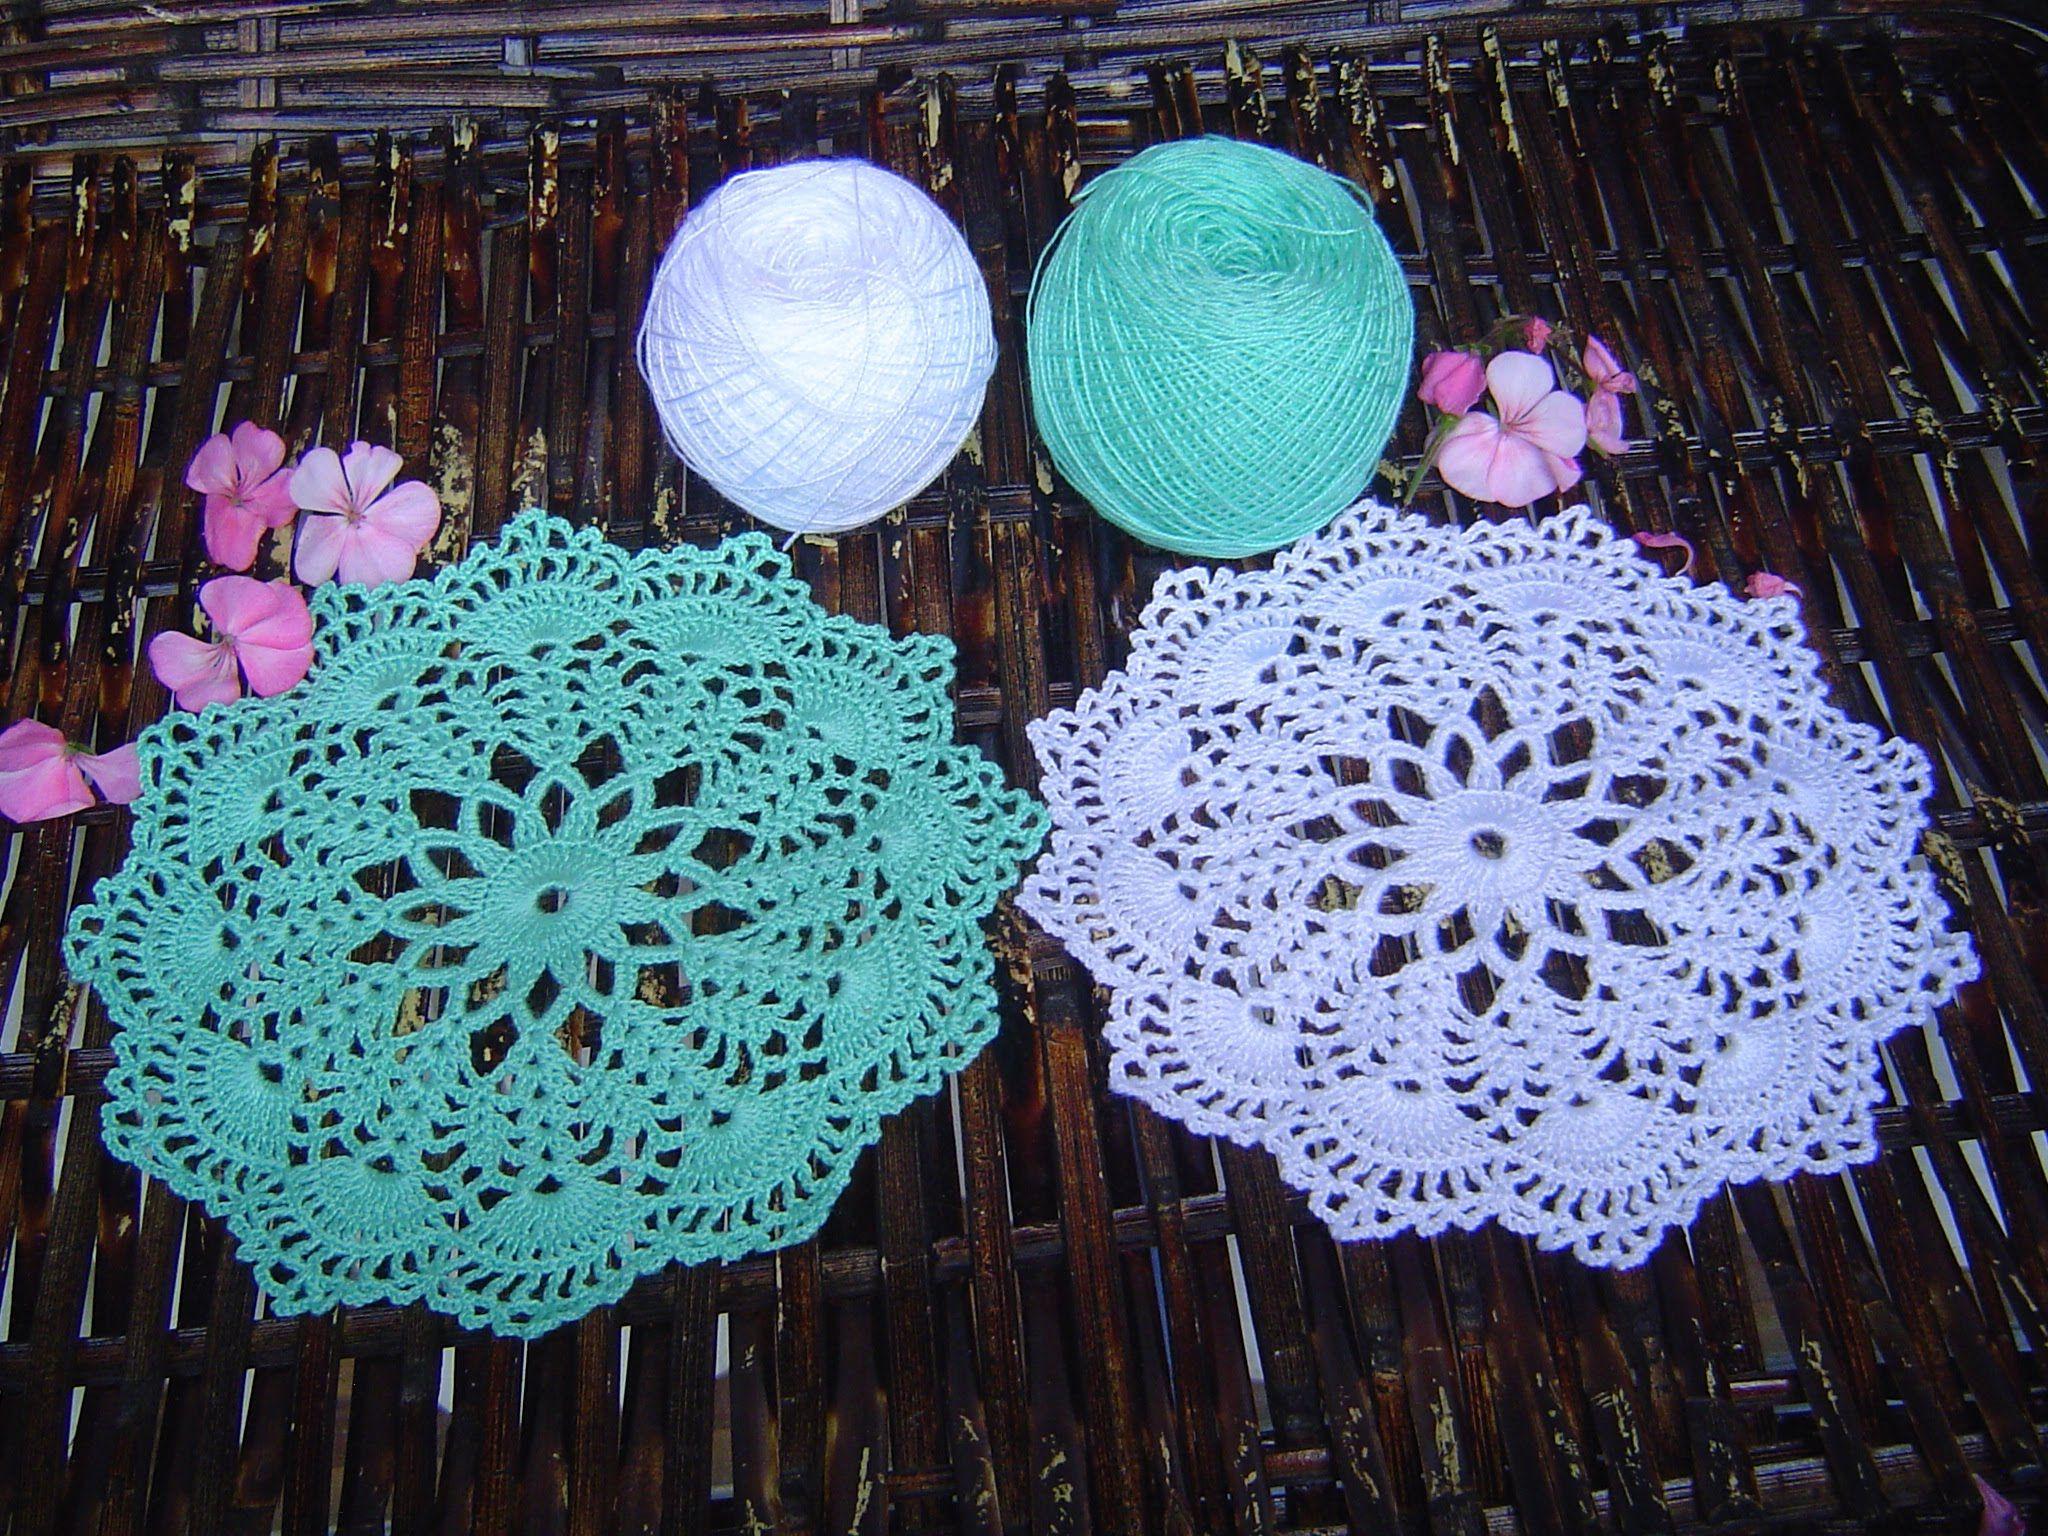 Te ense o paso a paso como tejer a crochet este hermoso - Puntos para tejer ...